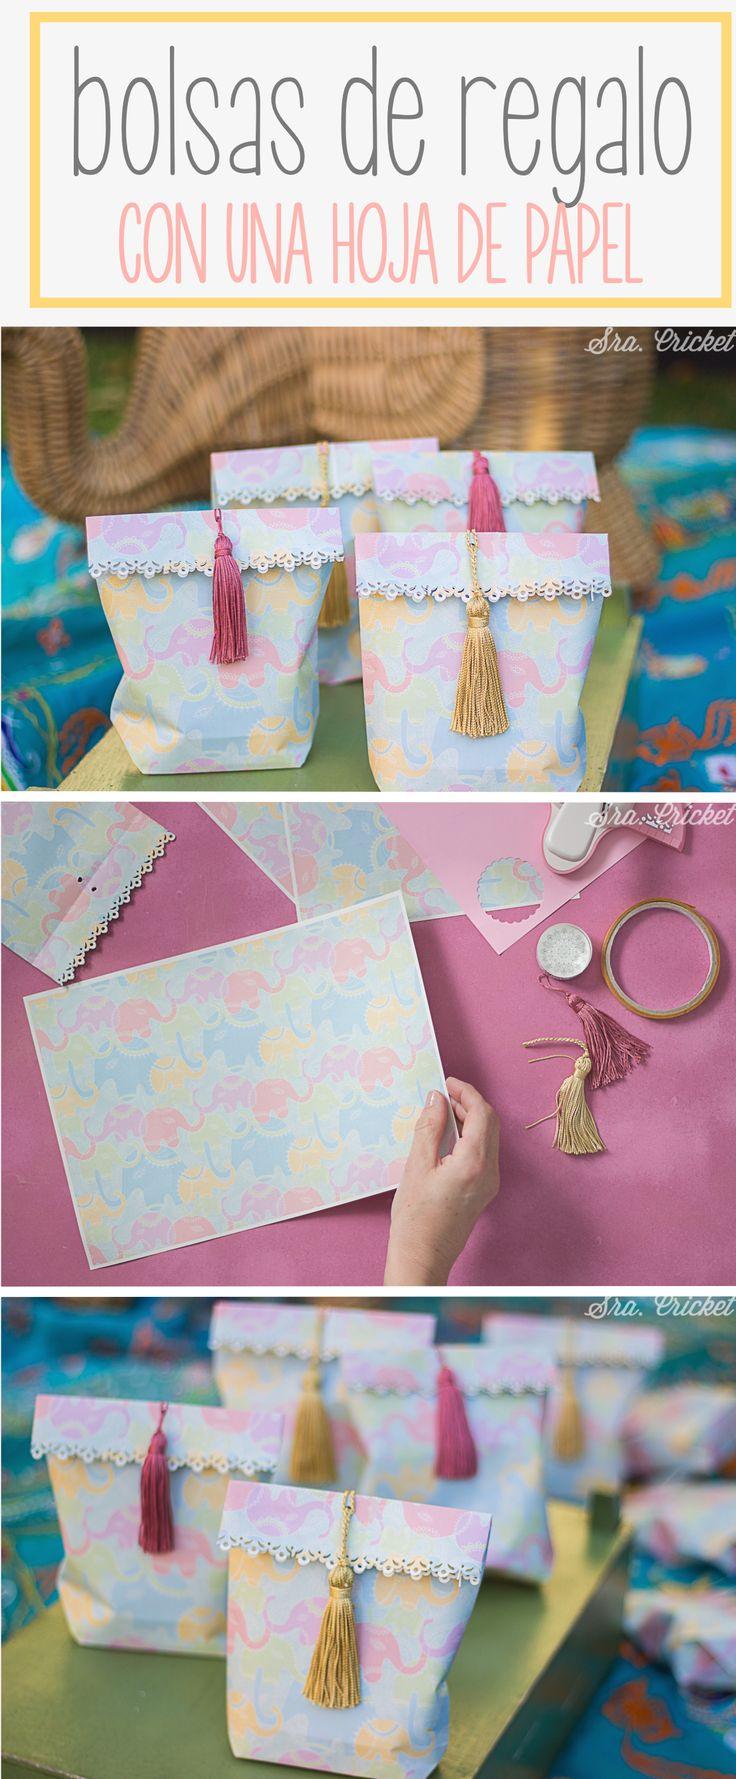 Bolsas de regalo con hoja de papel #envolver #regalo #bolsasdepapel                                                                                                                                                                                 Más